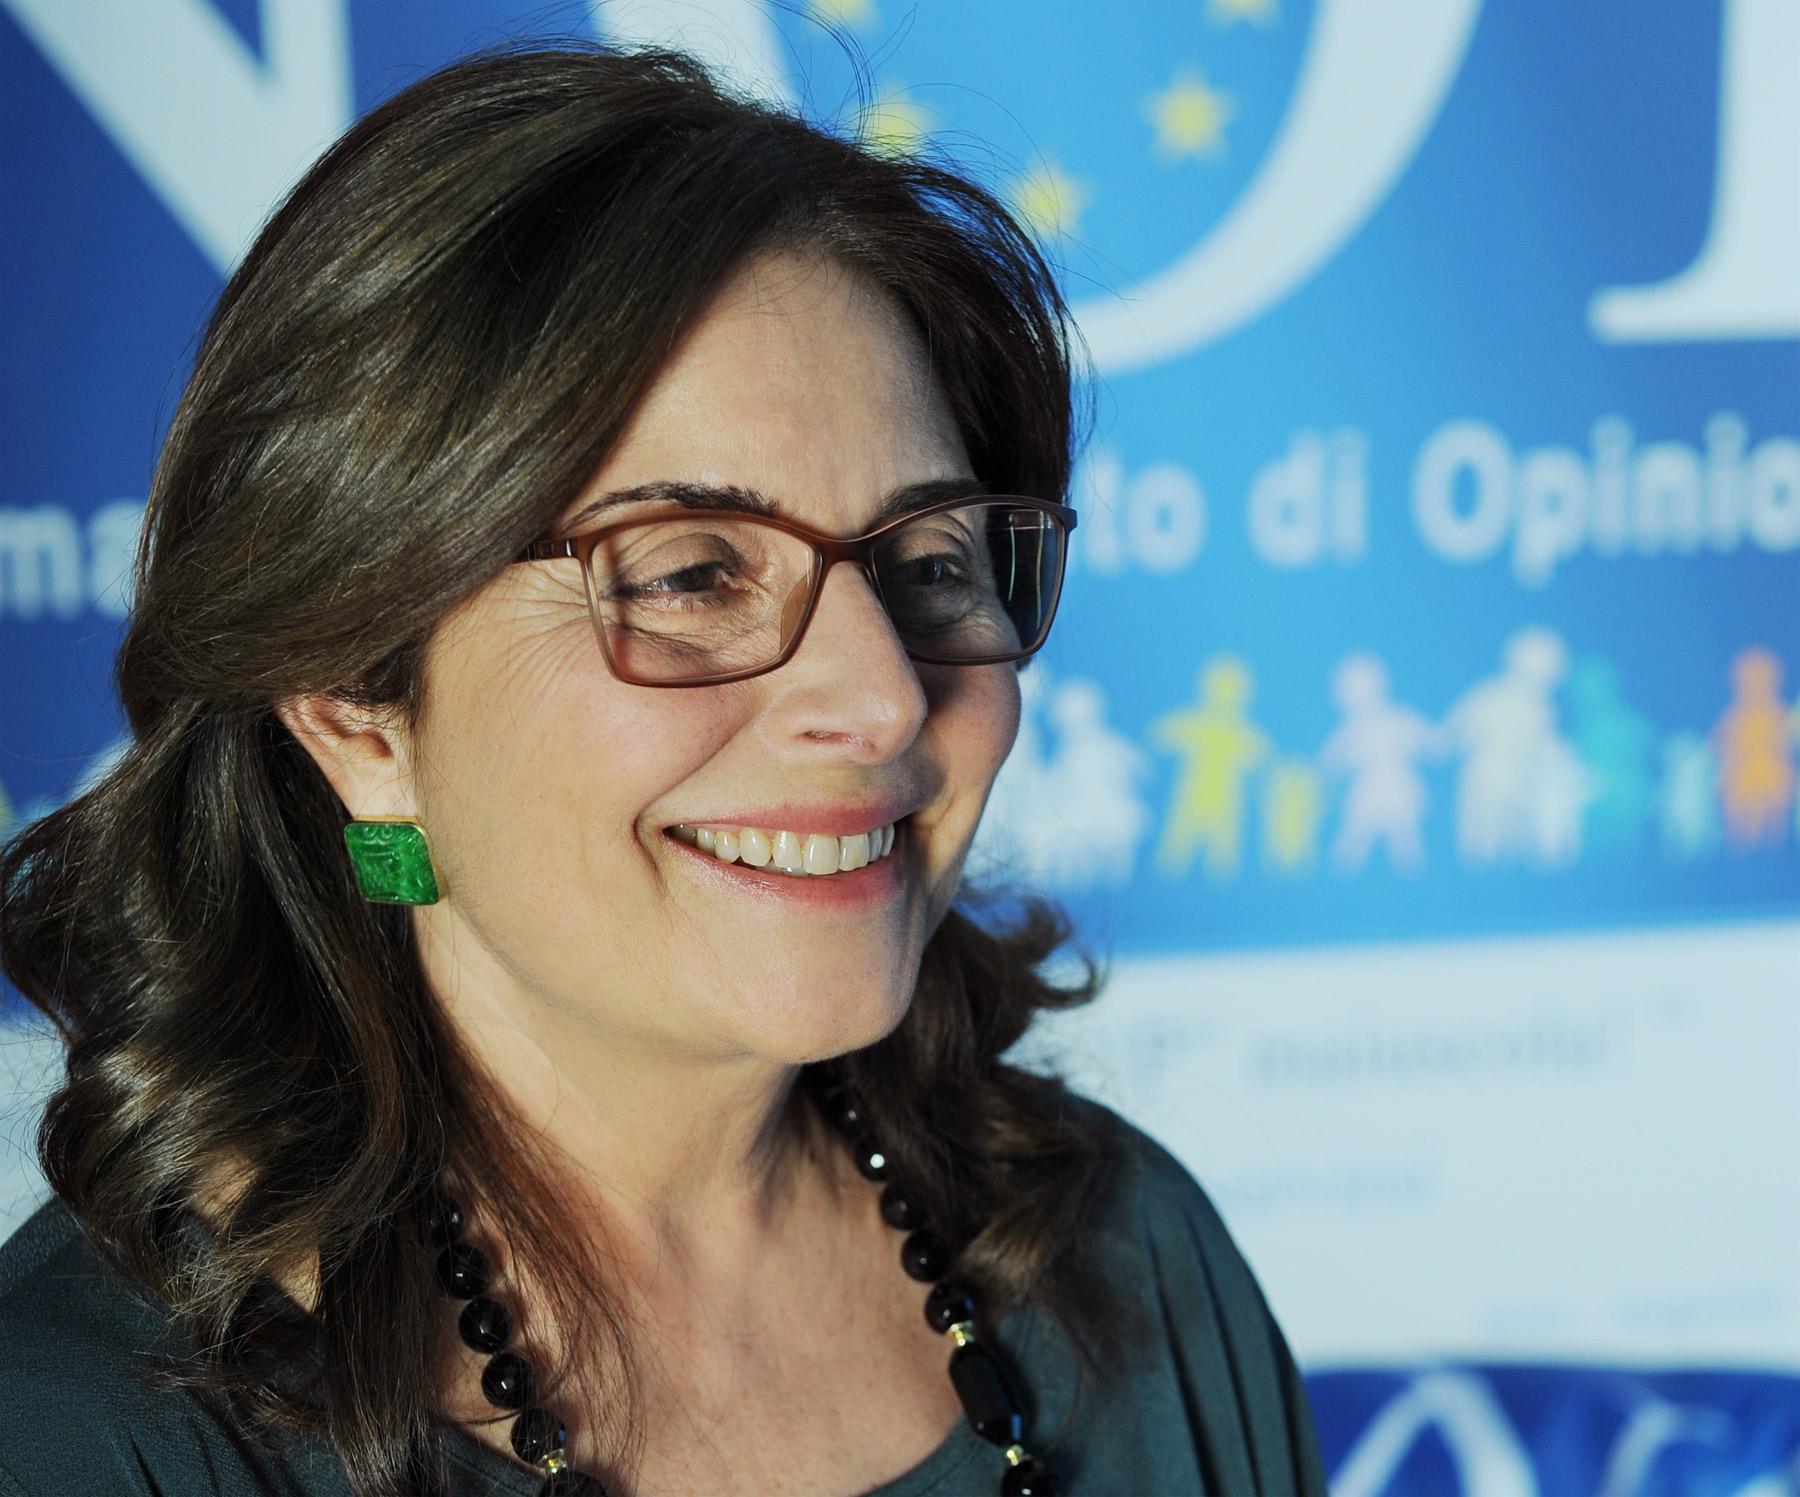 Luana Gallo - Ecologa UNICAL e cofondatrice del Movimento NOI